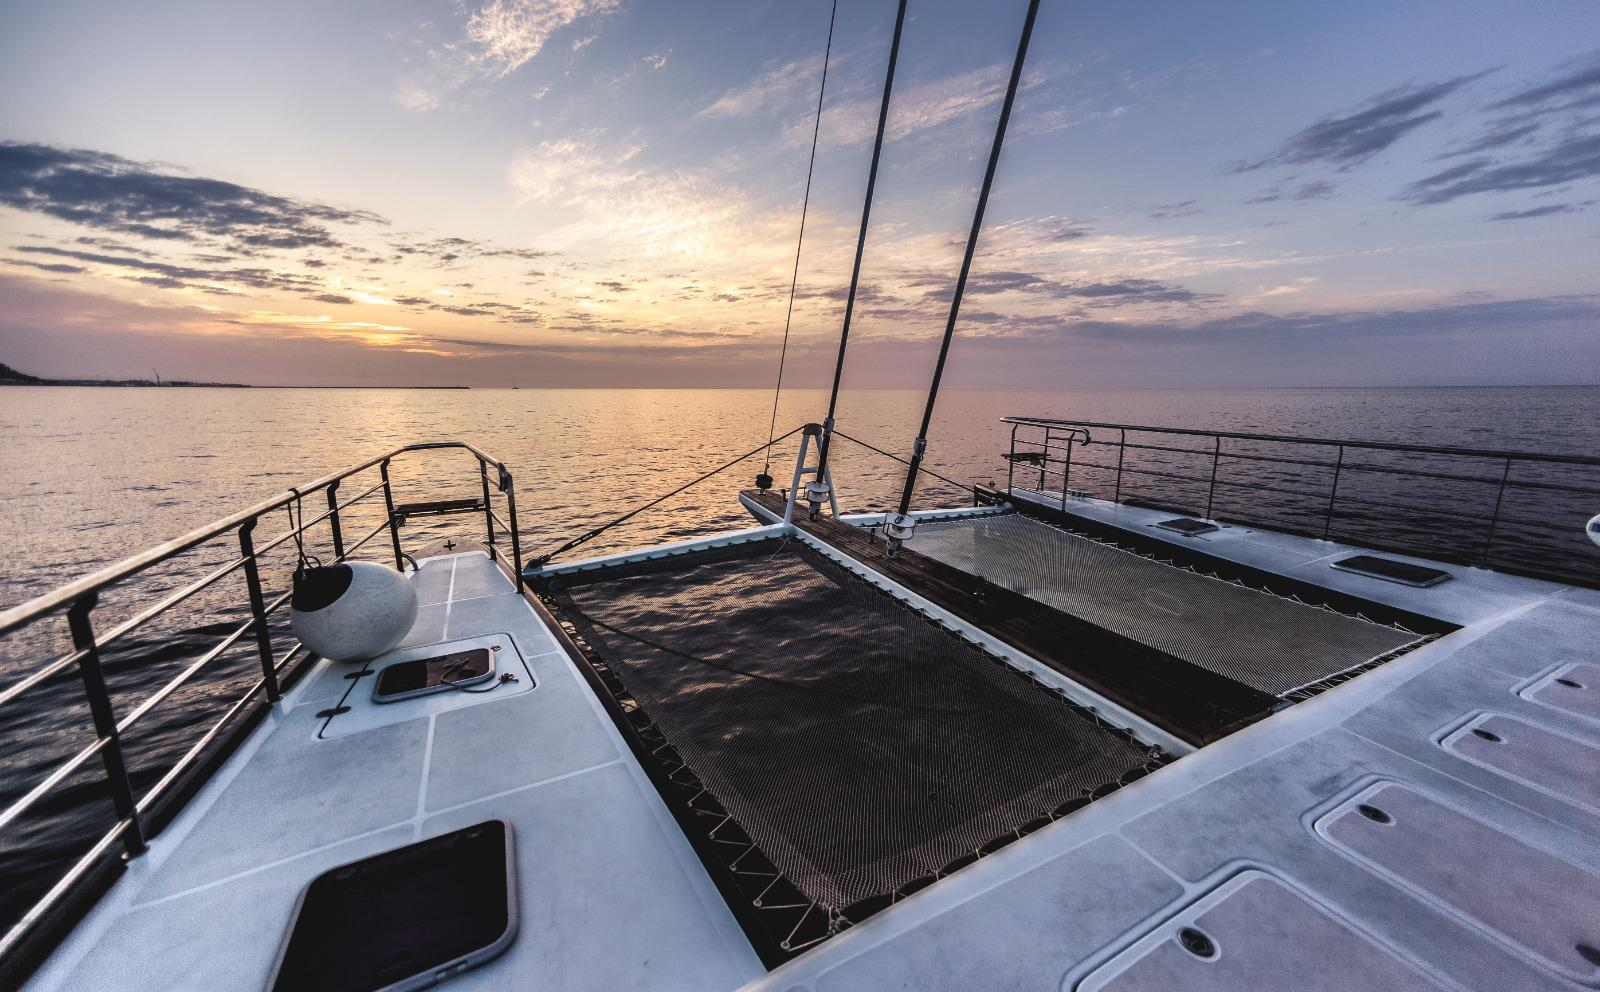 Diseño moderno con rediseño en 2015. Uno de los mejores catamaranes para charter en Ibiza y Formentera.